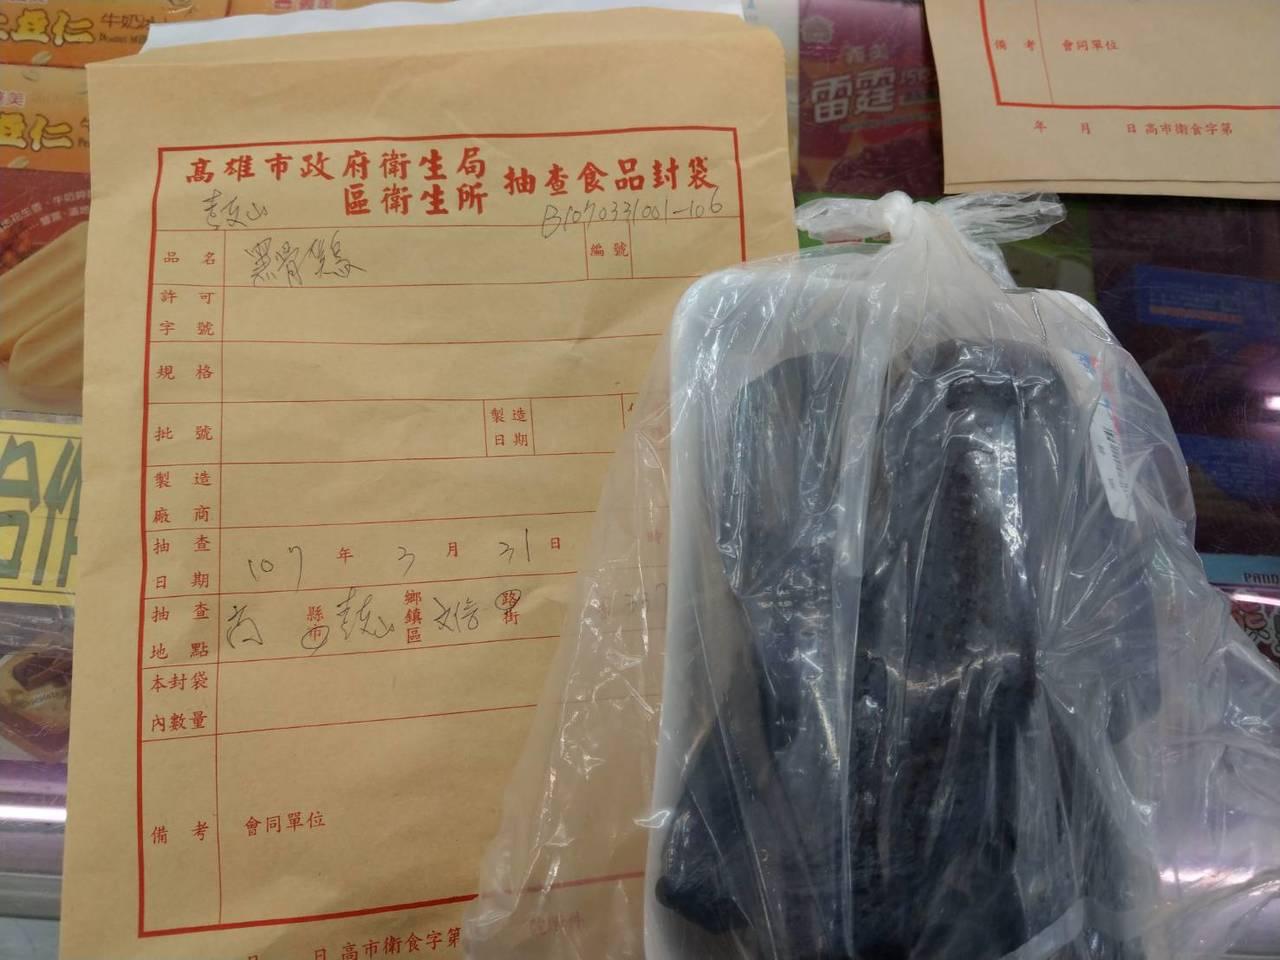 高雄市衛生局執行禽畜水產品抽驗。今年1至8月共抽驗109件,檢驗動物用藥殘留,結...